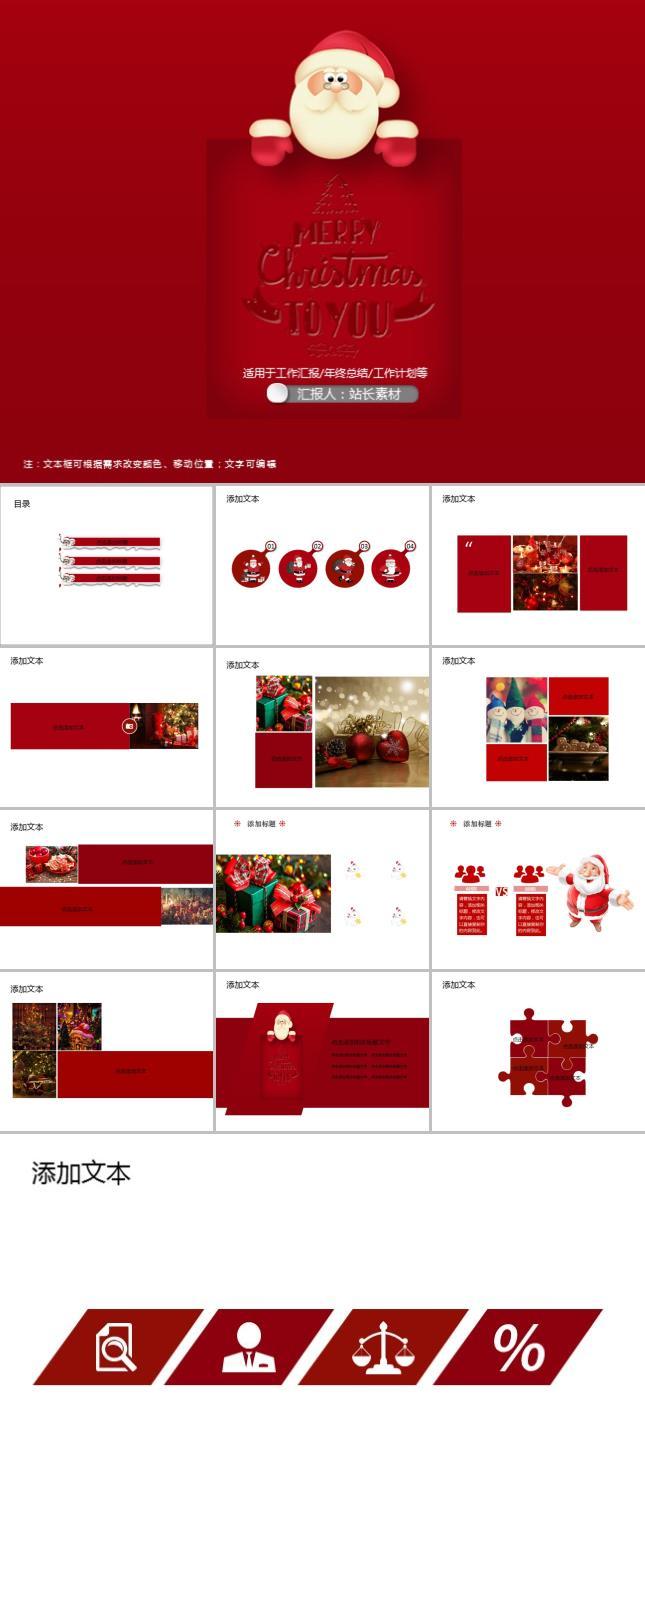 圣诞节卡片节日祝福PPT模板